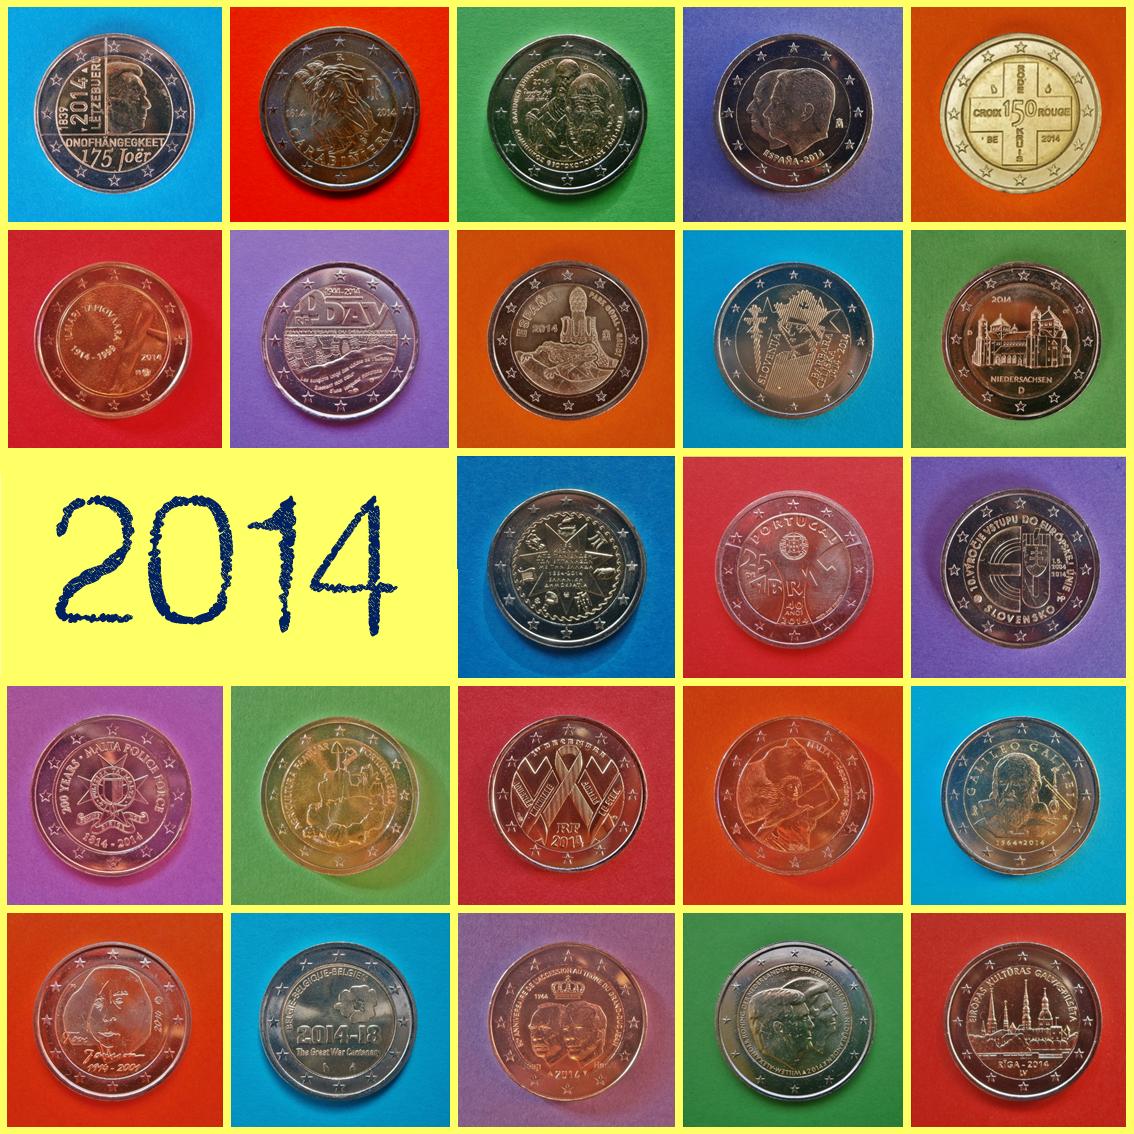 2014 2 Euros